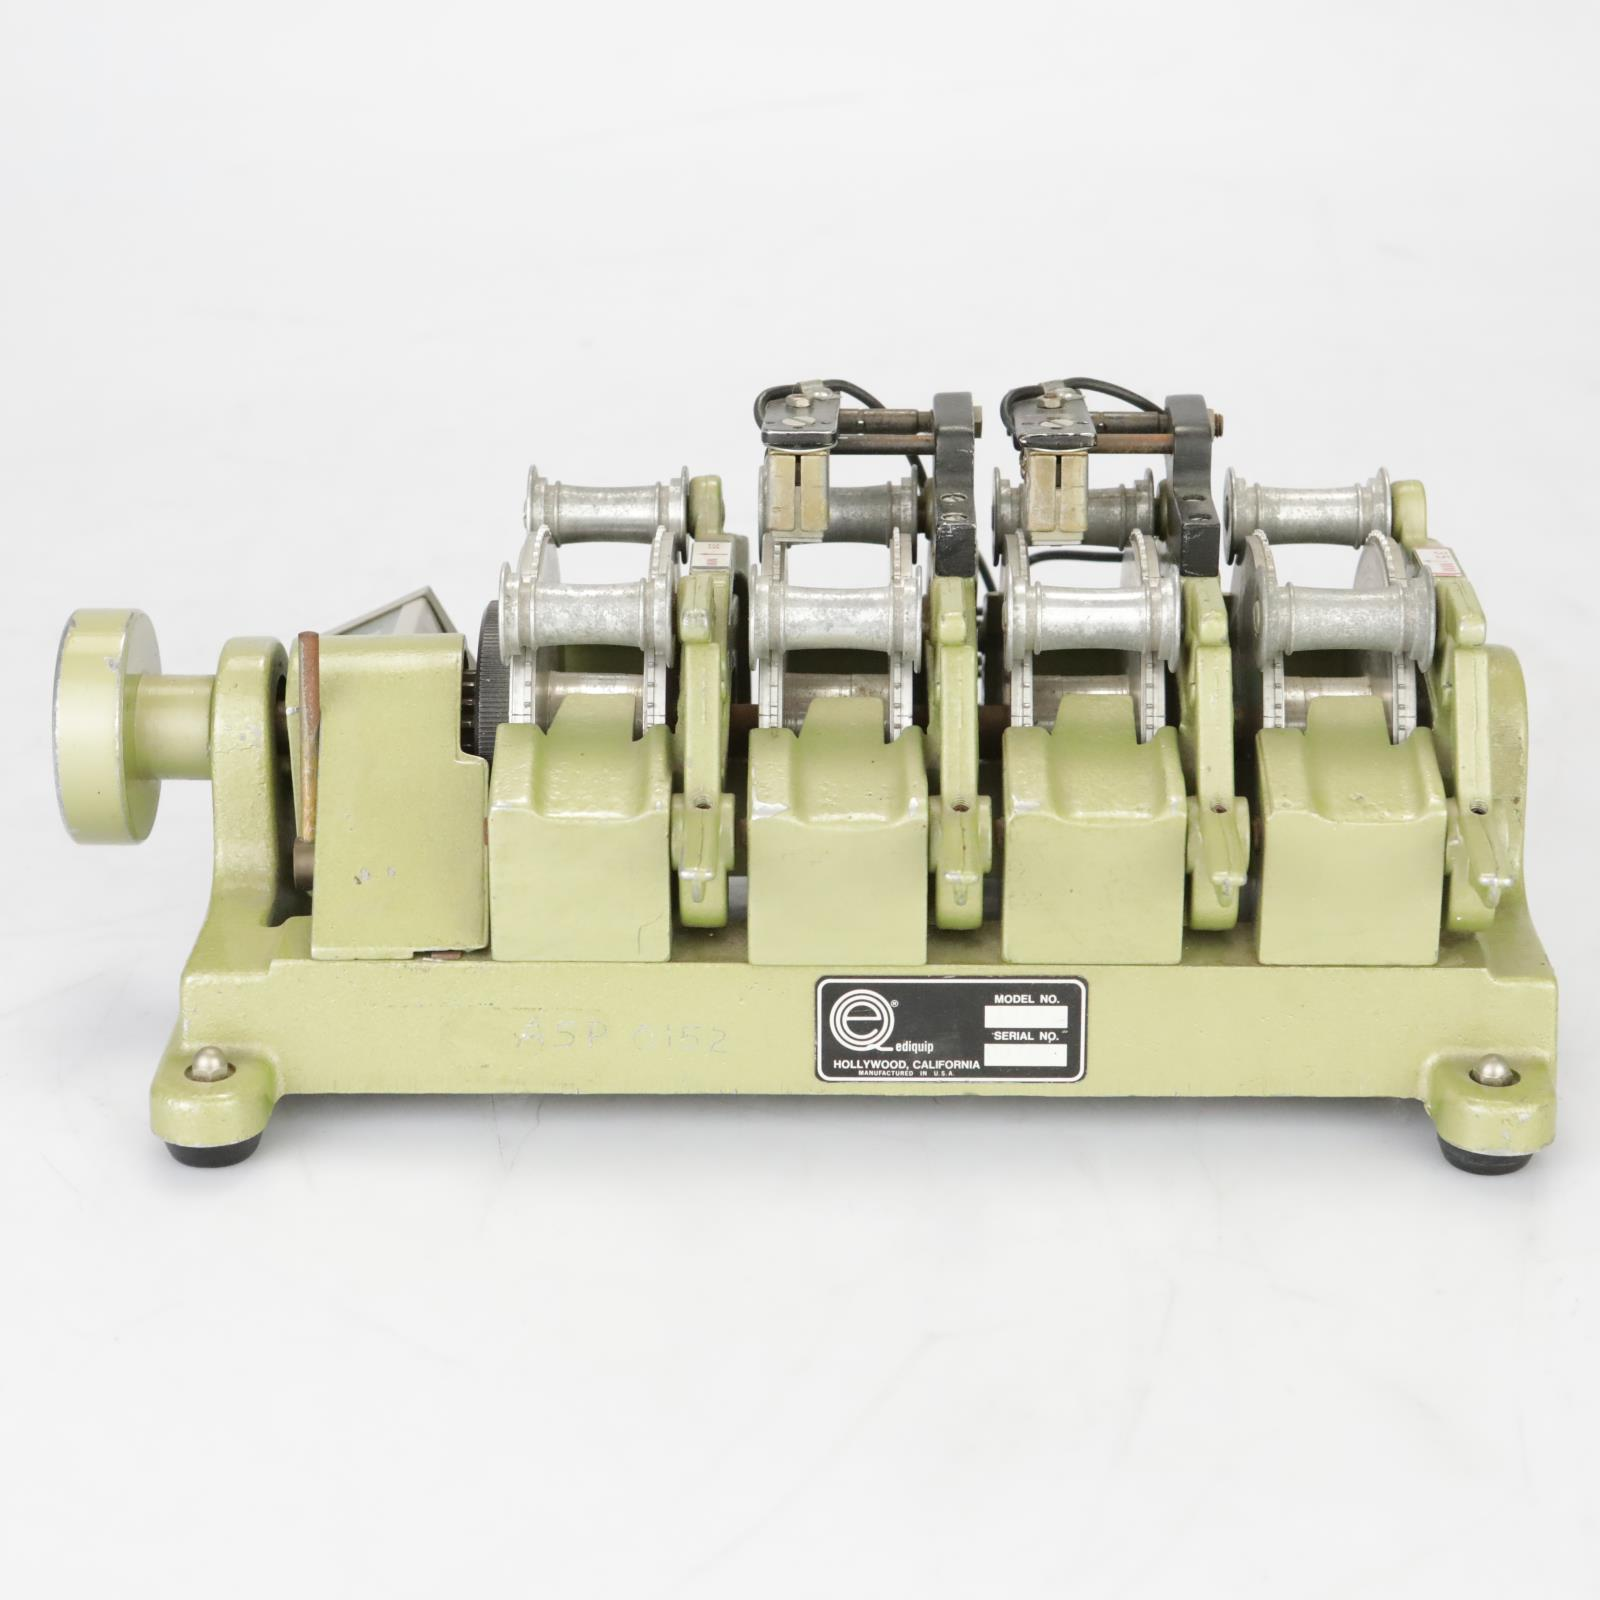 Ediquip 1044 Film Gang Synchronizer Editing Machine 4 #38014